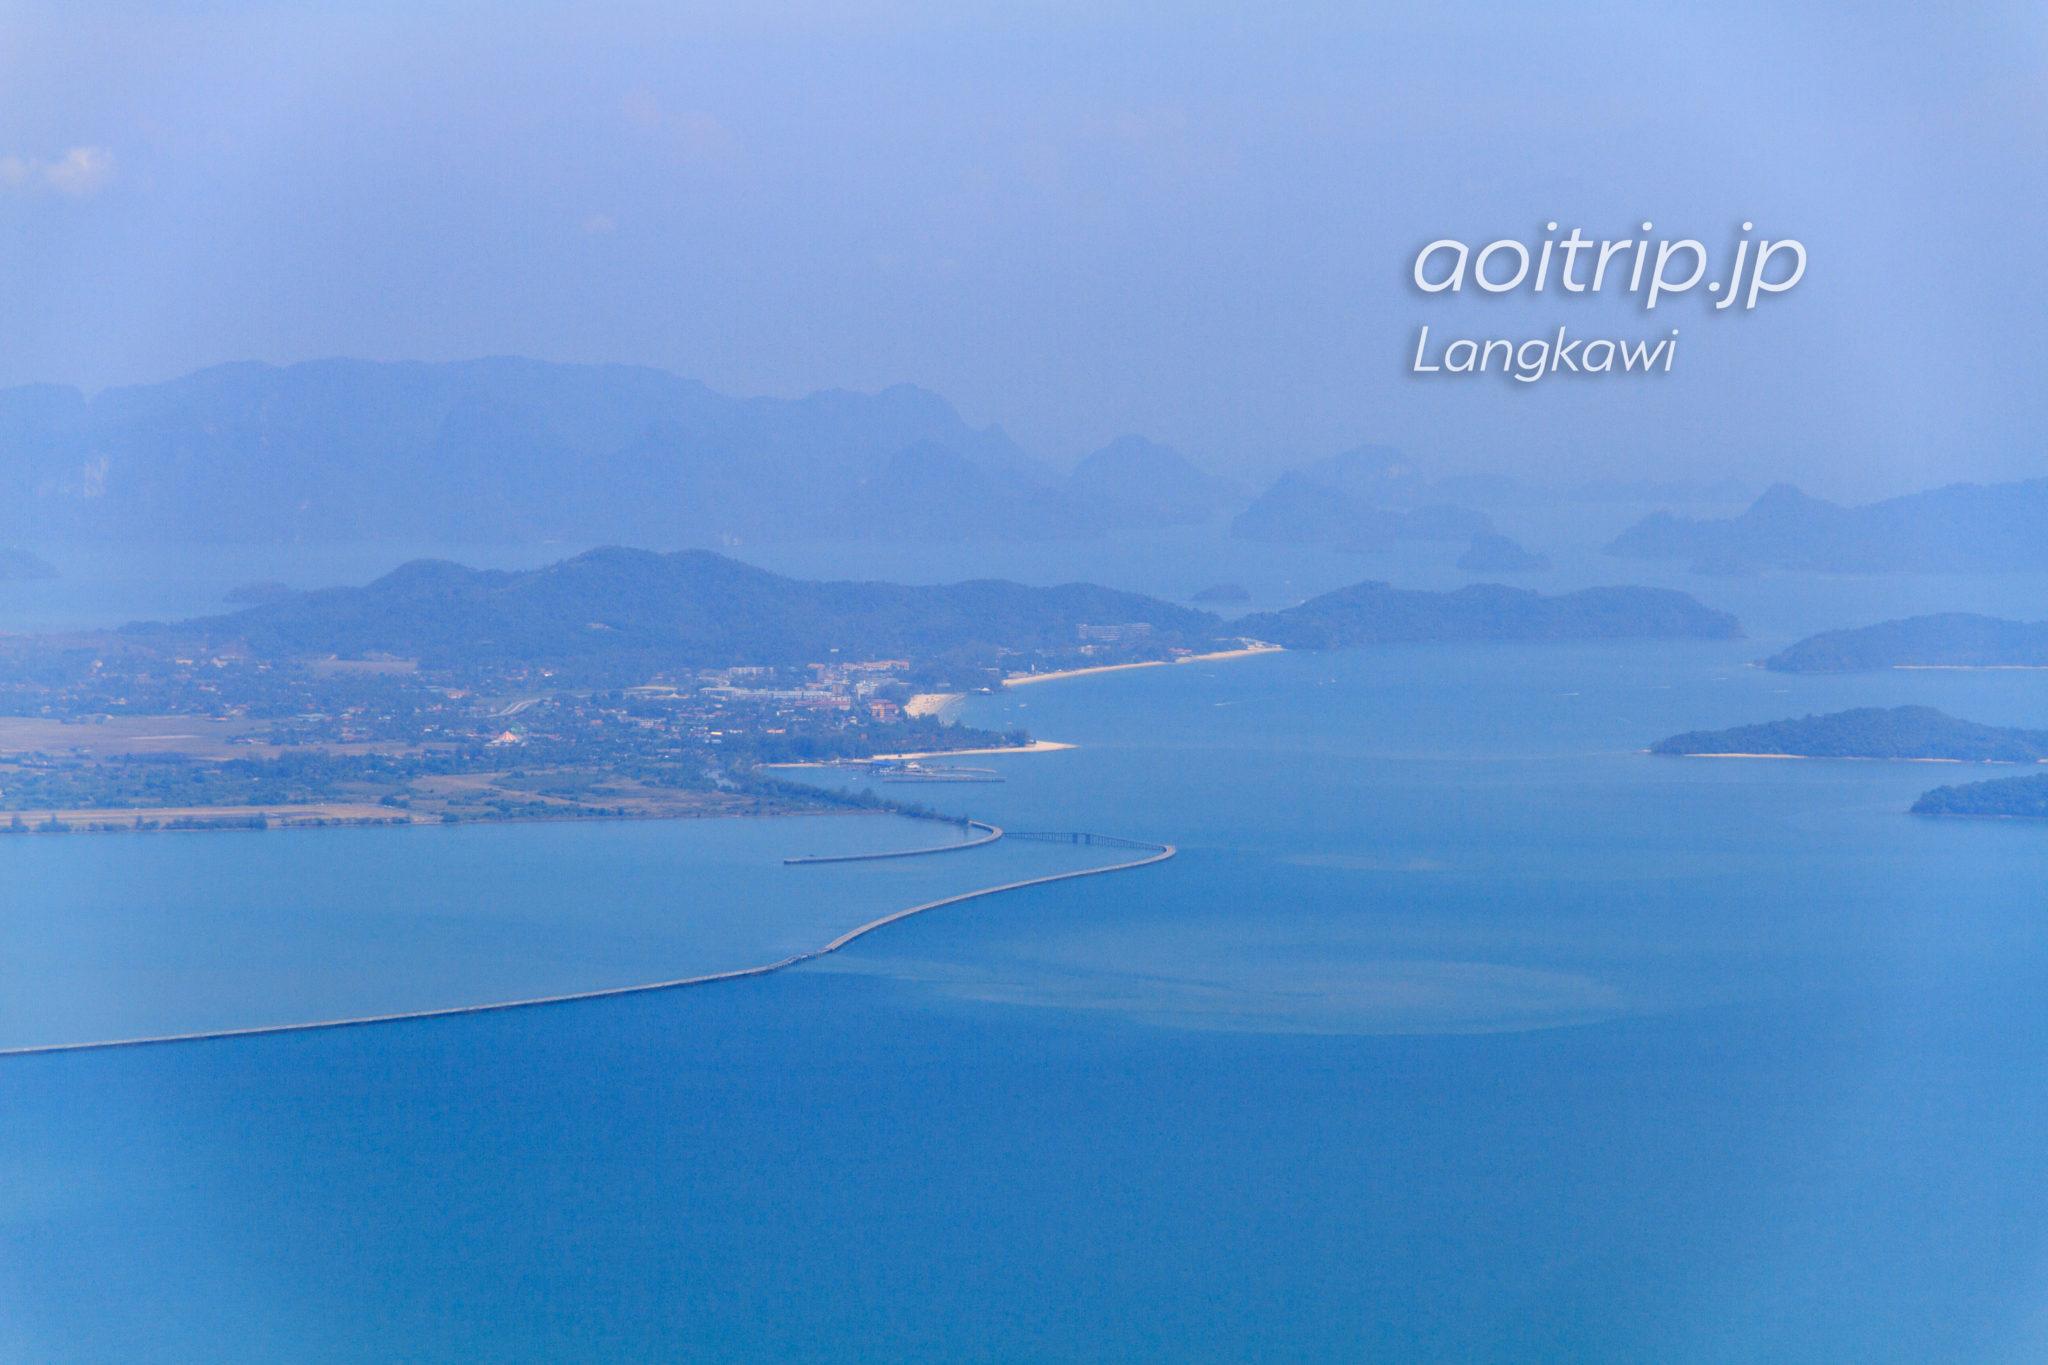 ランカウイ島ケーブルカーSkyCabから望むチェナンビーチの眺望